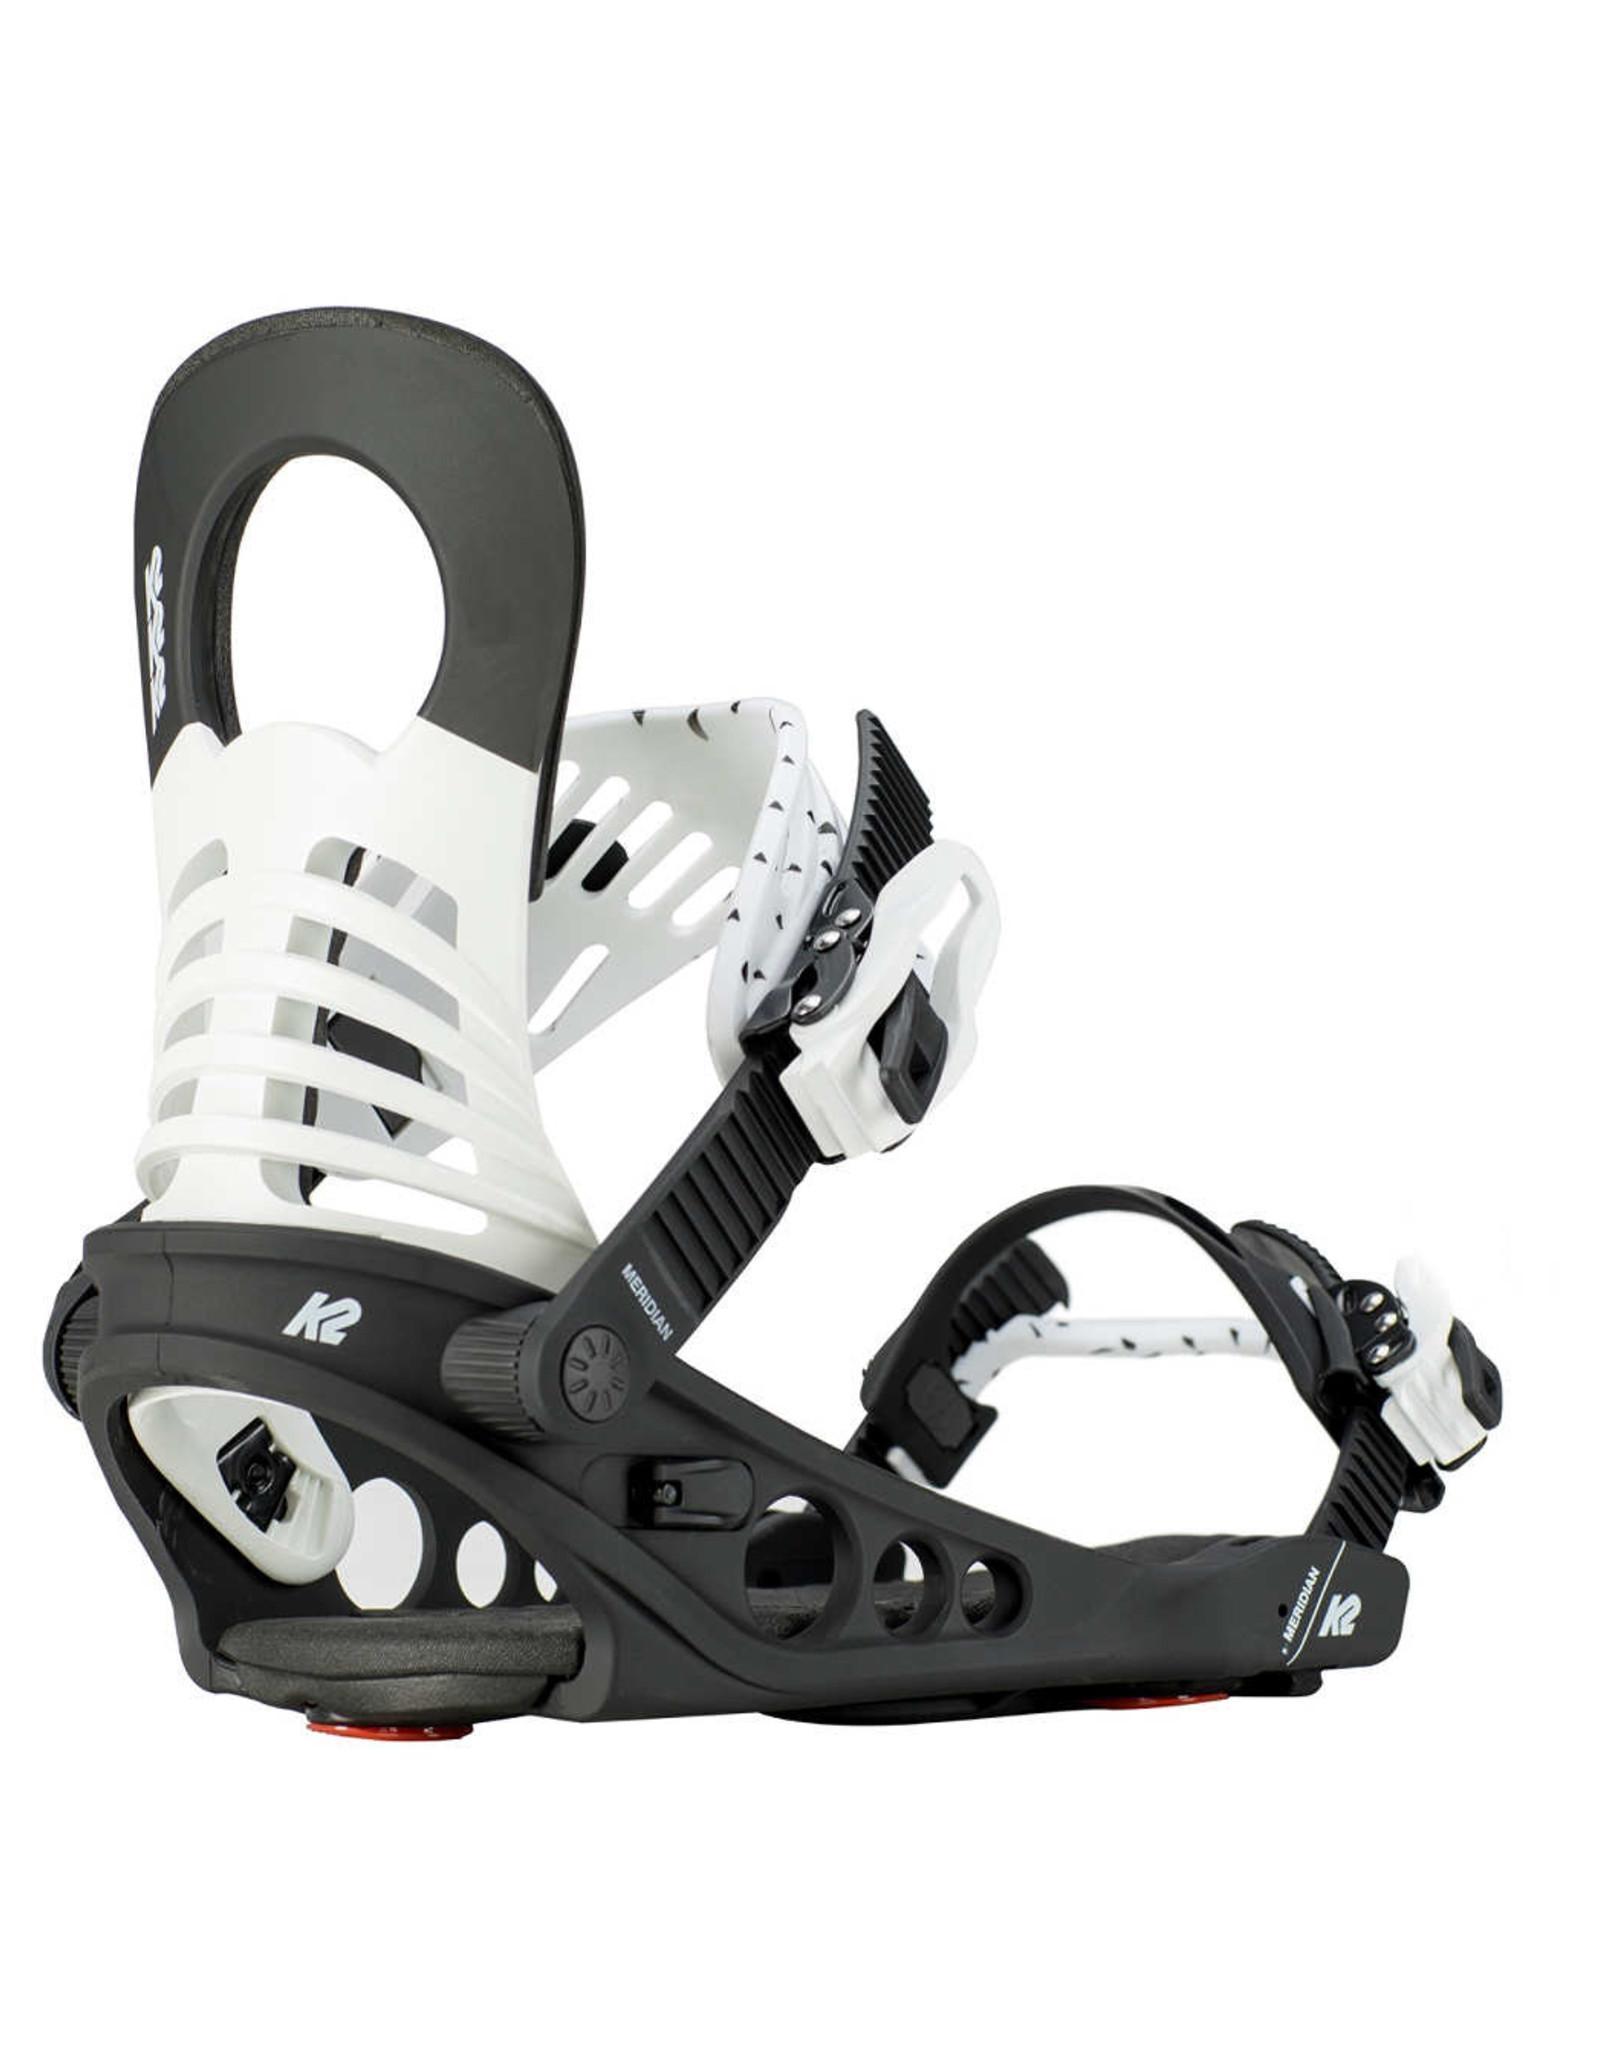 K2 K2 MERIDIAN SNOWBOARD BINDINGS